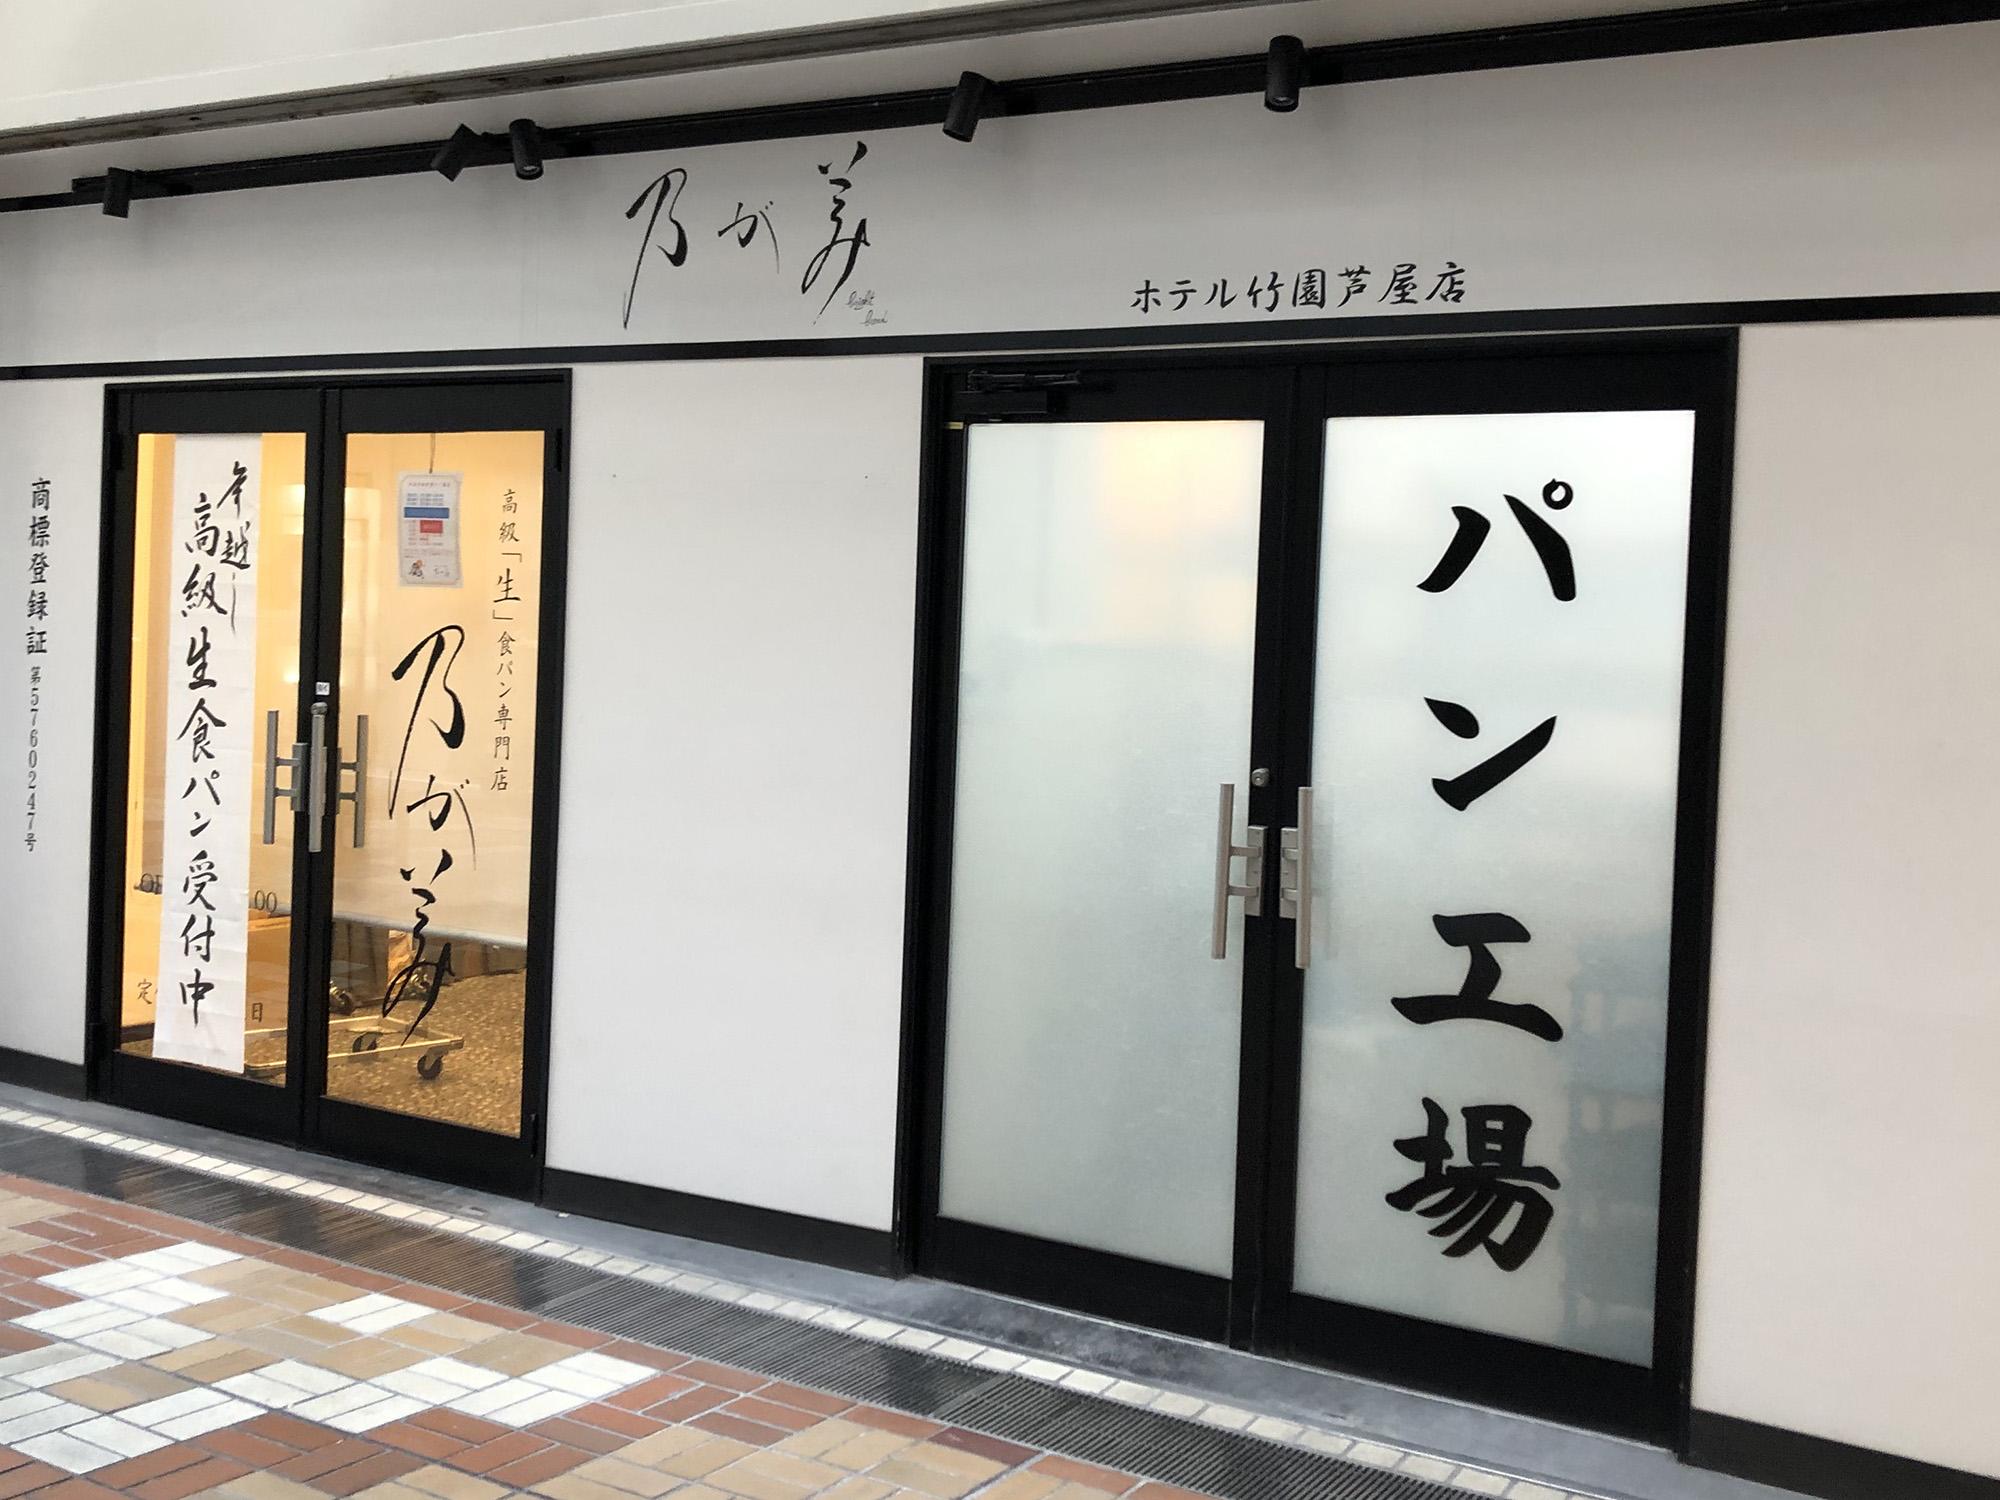 乃が美 ホテル竹園芦屋店